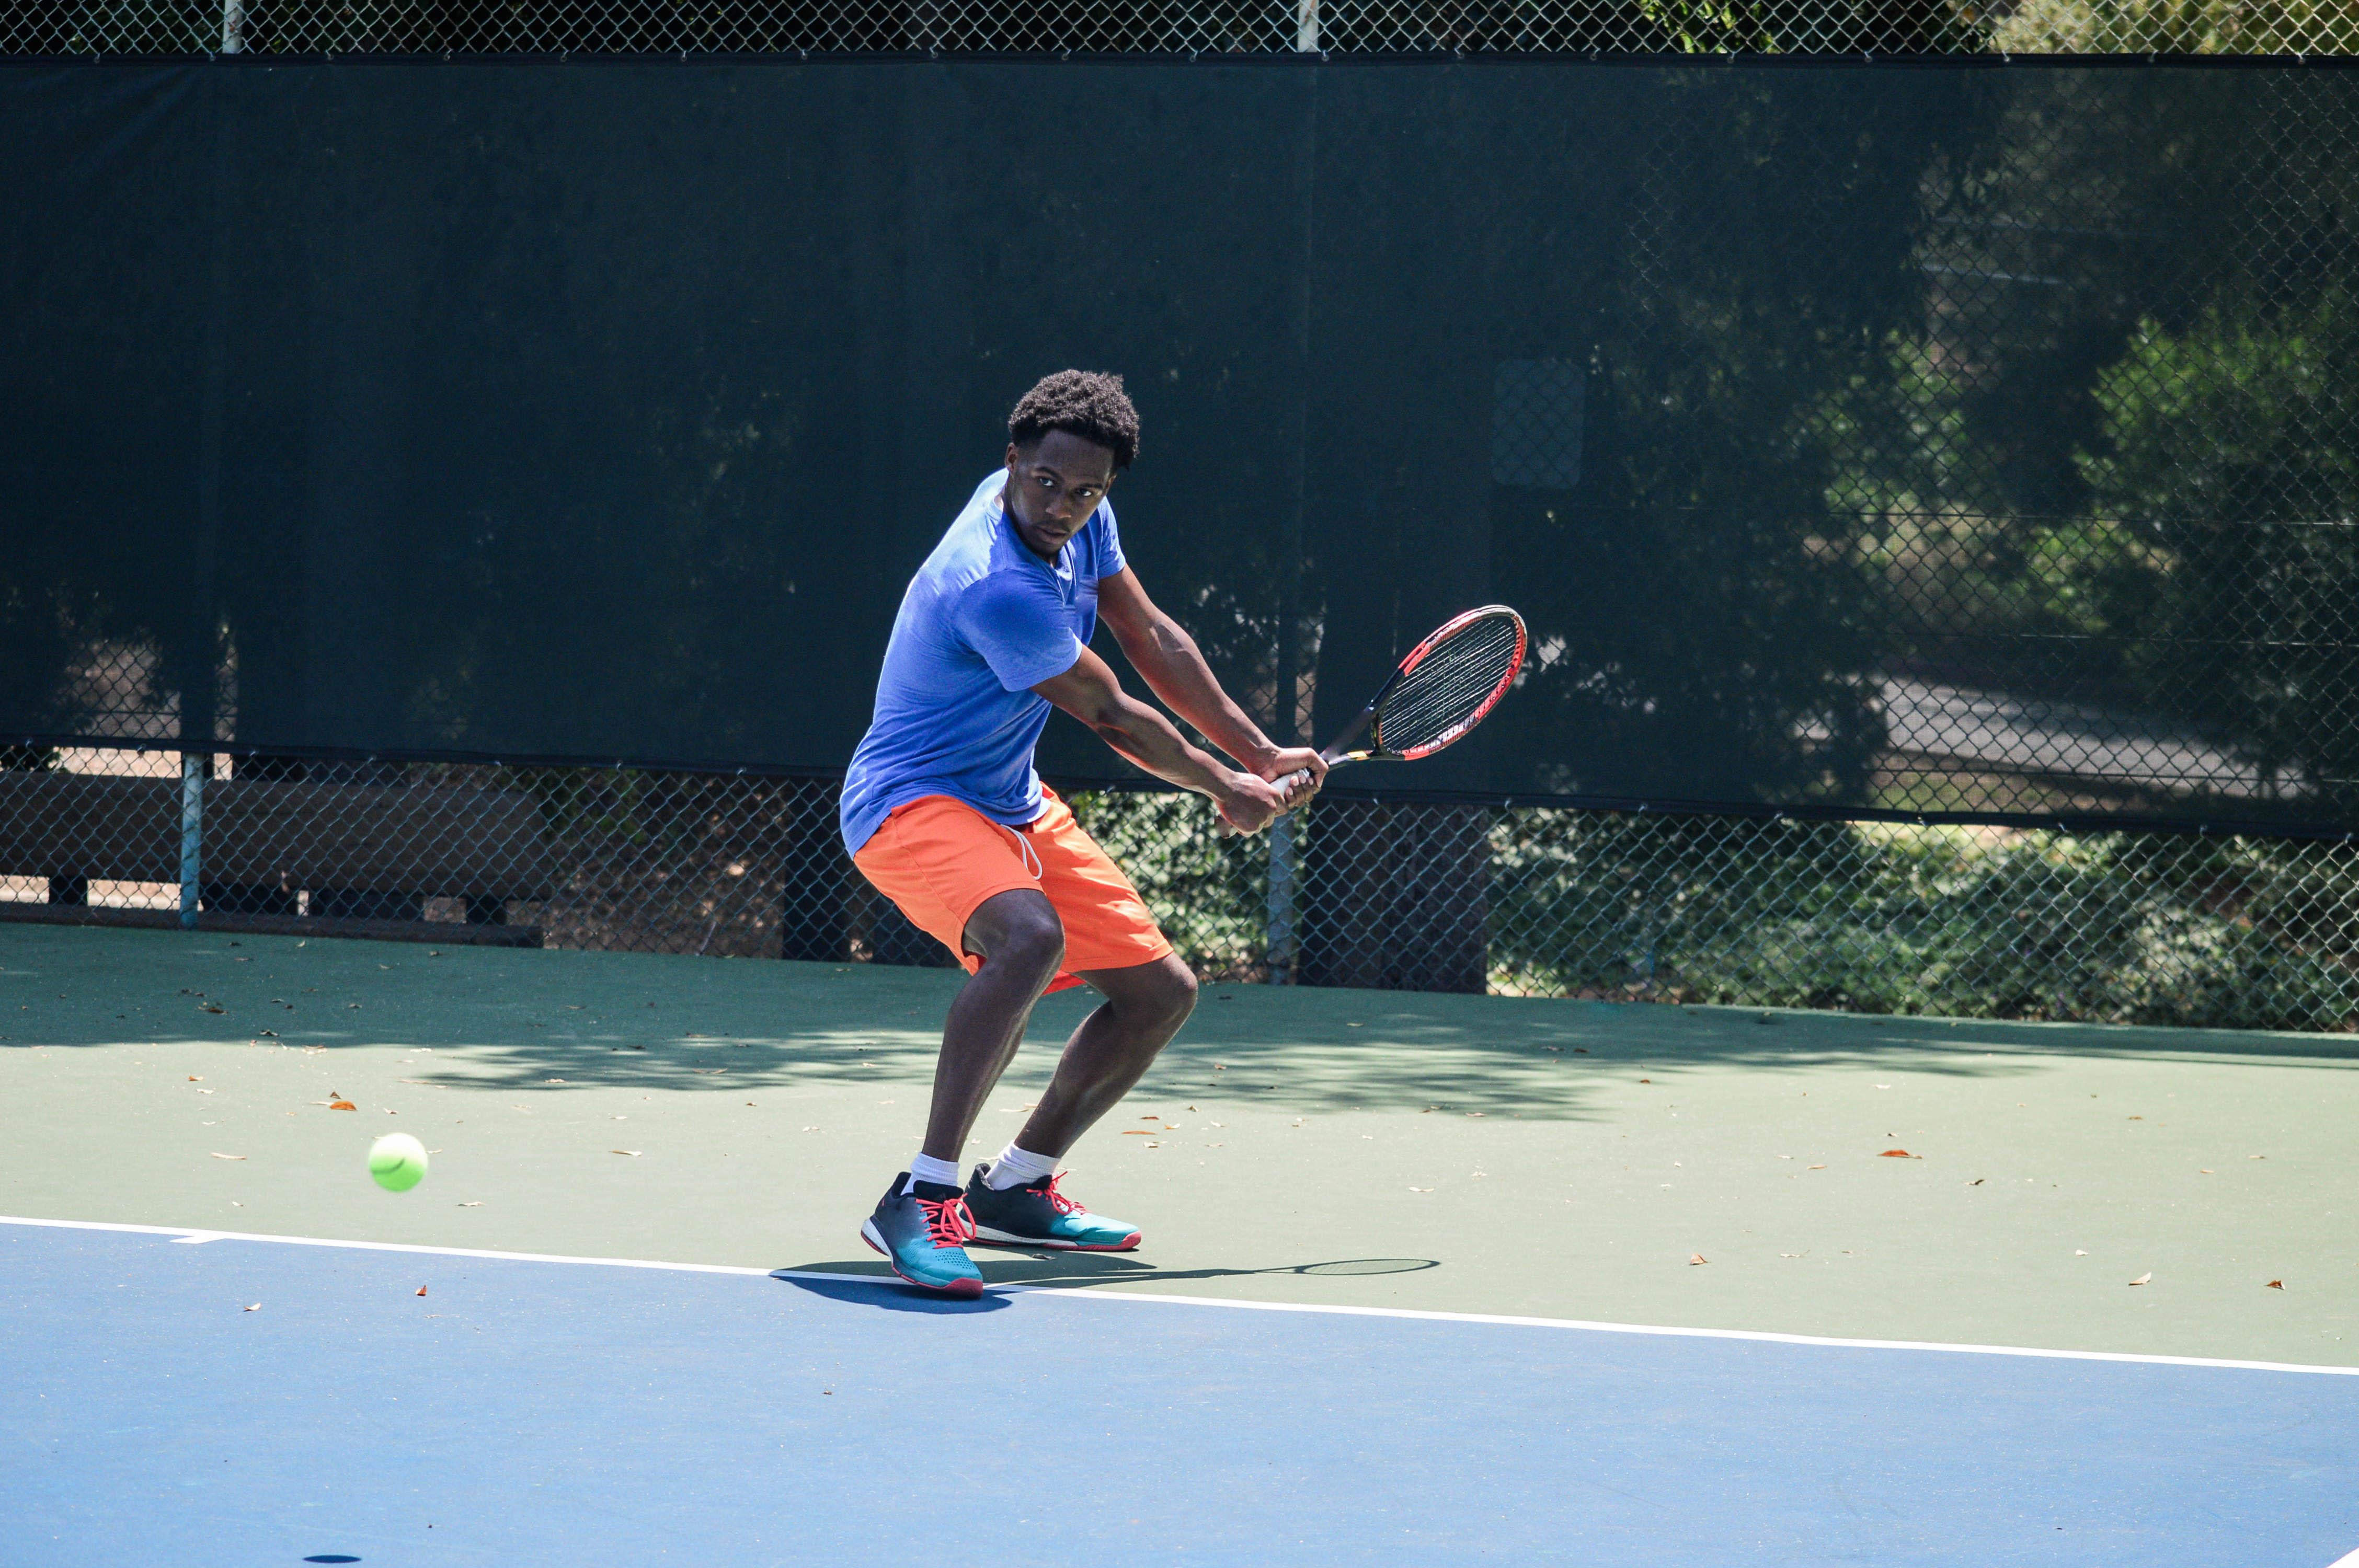 Tennis in summer in Los Angeles